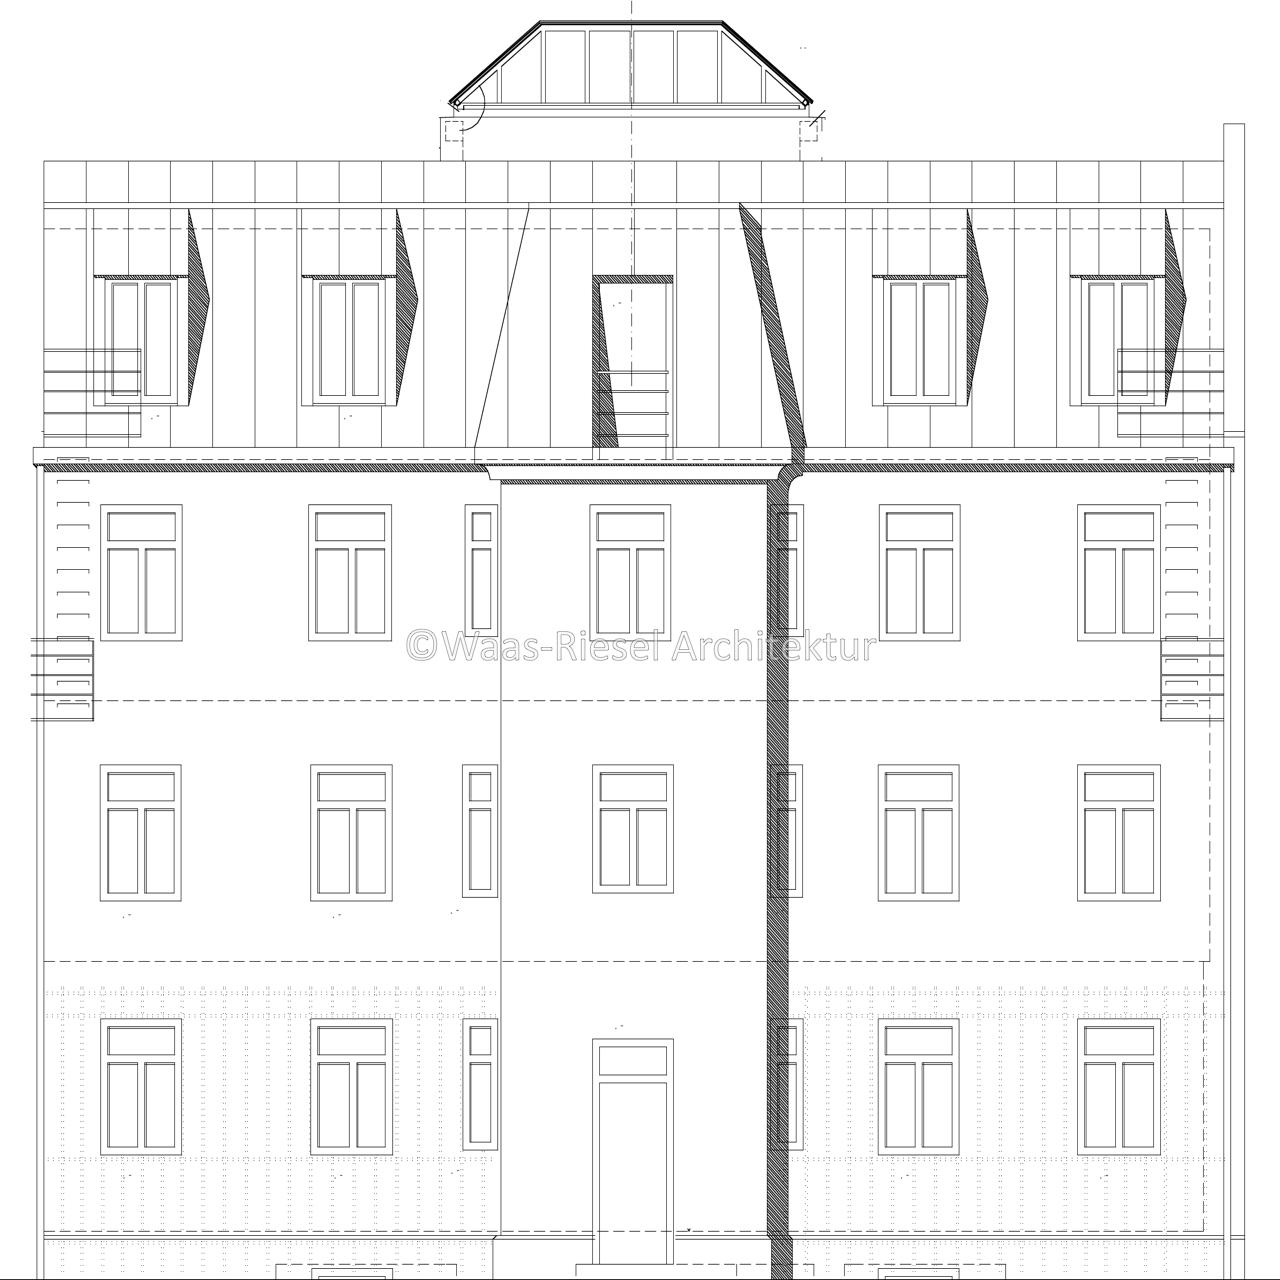 Plan Hoffassade Rückgebäude